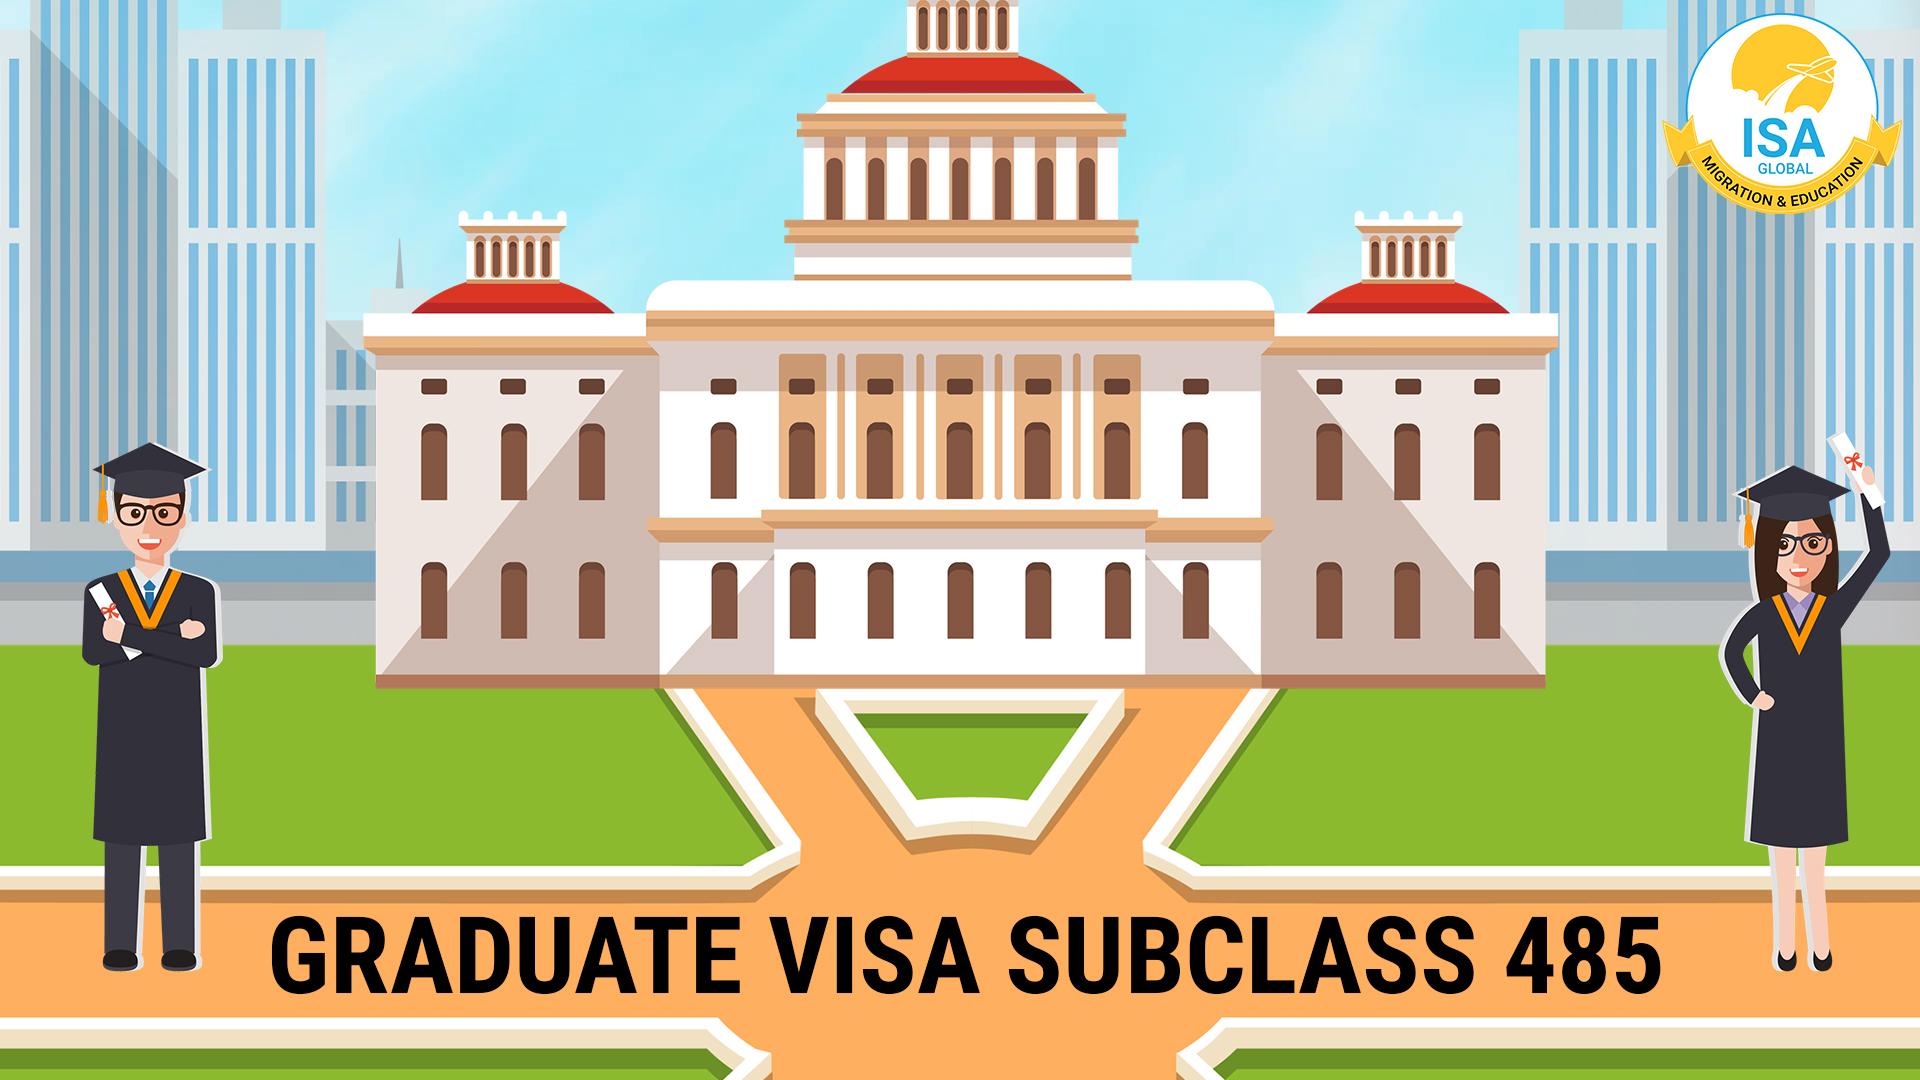 Grabbing-Graduate-Visa-485